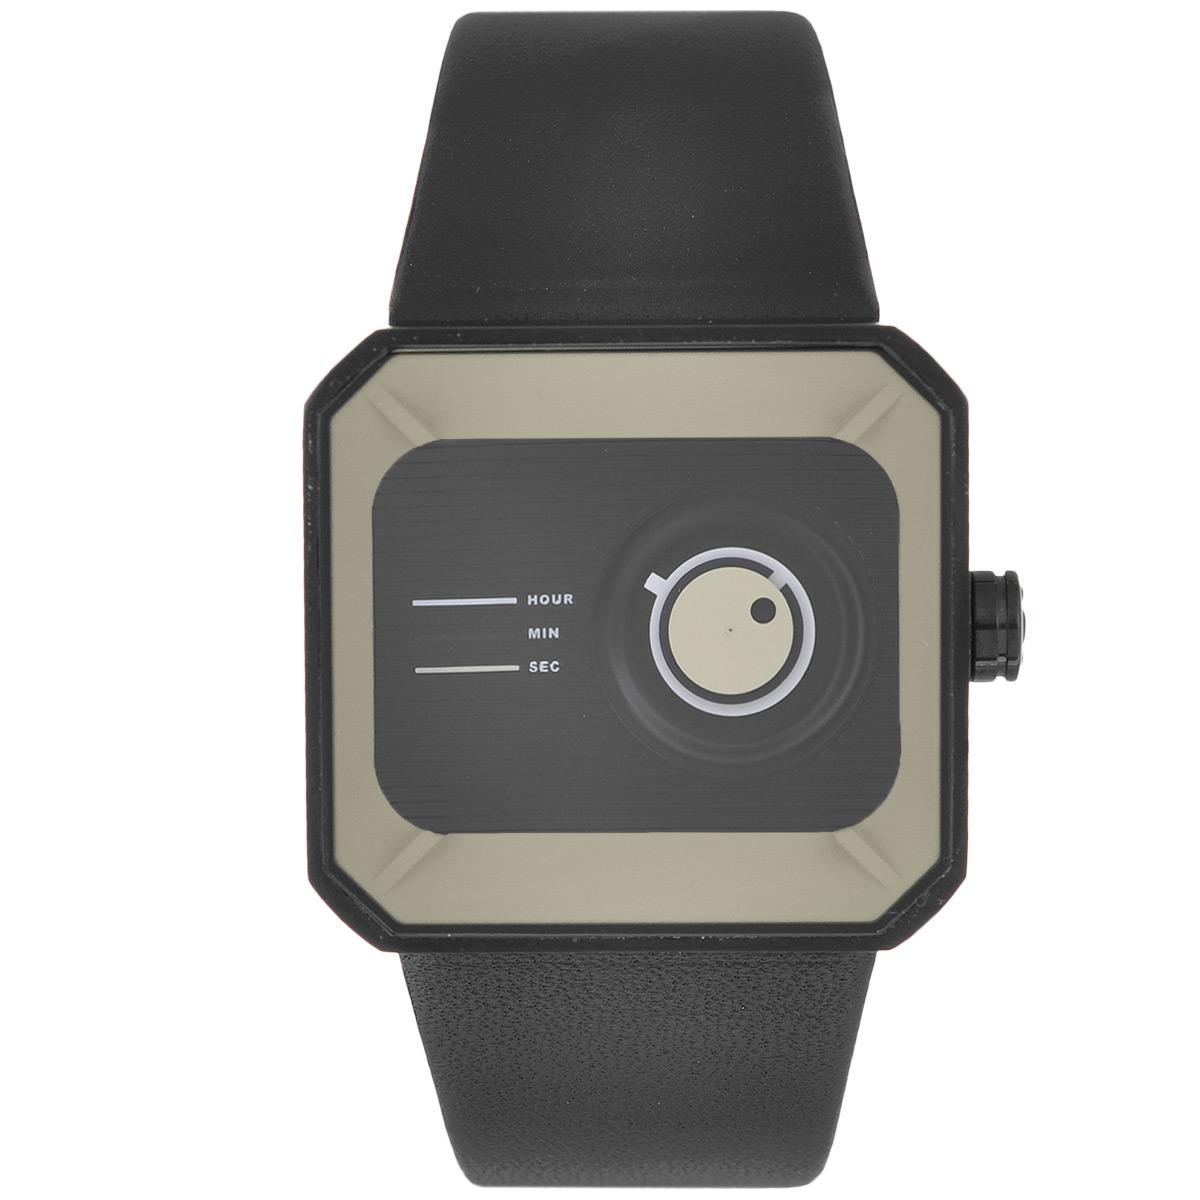 Часы наручные унисекс Tacs Channel Box-C, цвет: бежевый. TS1104CTS1104CОригинальные кварцевые наручные часы Tacs созданы для людей, ценящих качество, практичность и индивидуальность в каждой детали. Строгая цветовая гамма и минималистический дизайн позволяет сочетать часы с любыми предметами гардероба. Часы оснащены японским кварцевым механизмом Miyota 2036. Прямоугольный корпус с закругленными углами, напоминающий по форме игральную кость, выполнен из нержавеющей стали. Трехслойные подвижные диски на циферблате указывают время. Нижний диск белого цвета указывает часы, средний диск черного цвета - минуты. Верхний диск бежевого цвета круглым отверстием указывает на секунды. Цифры на циферблате отсутствуют. Циферблат защищен прочным минеральным стеклом, устойчивым к царапинам и повреждениям. Браслет часов, выполненный из натуральной кожи черного цвета, долговечен и очень практичен в использовании. Застегивается на классическую застежку-пряжку. Оригинальные яркие часы Tacs покорят вас неординарным дизайном, а высокое качество и...